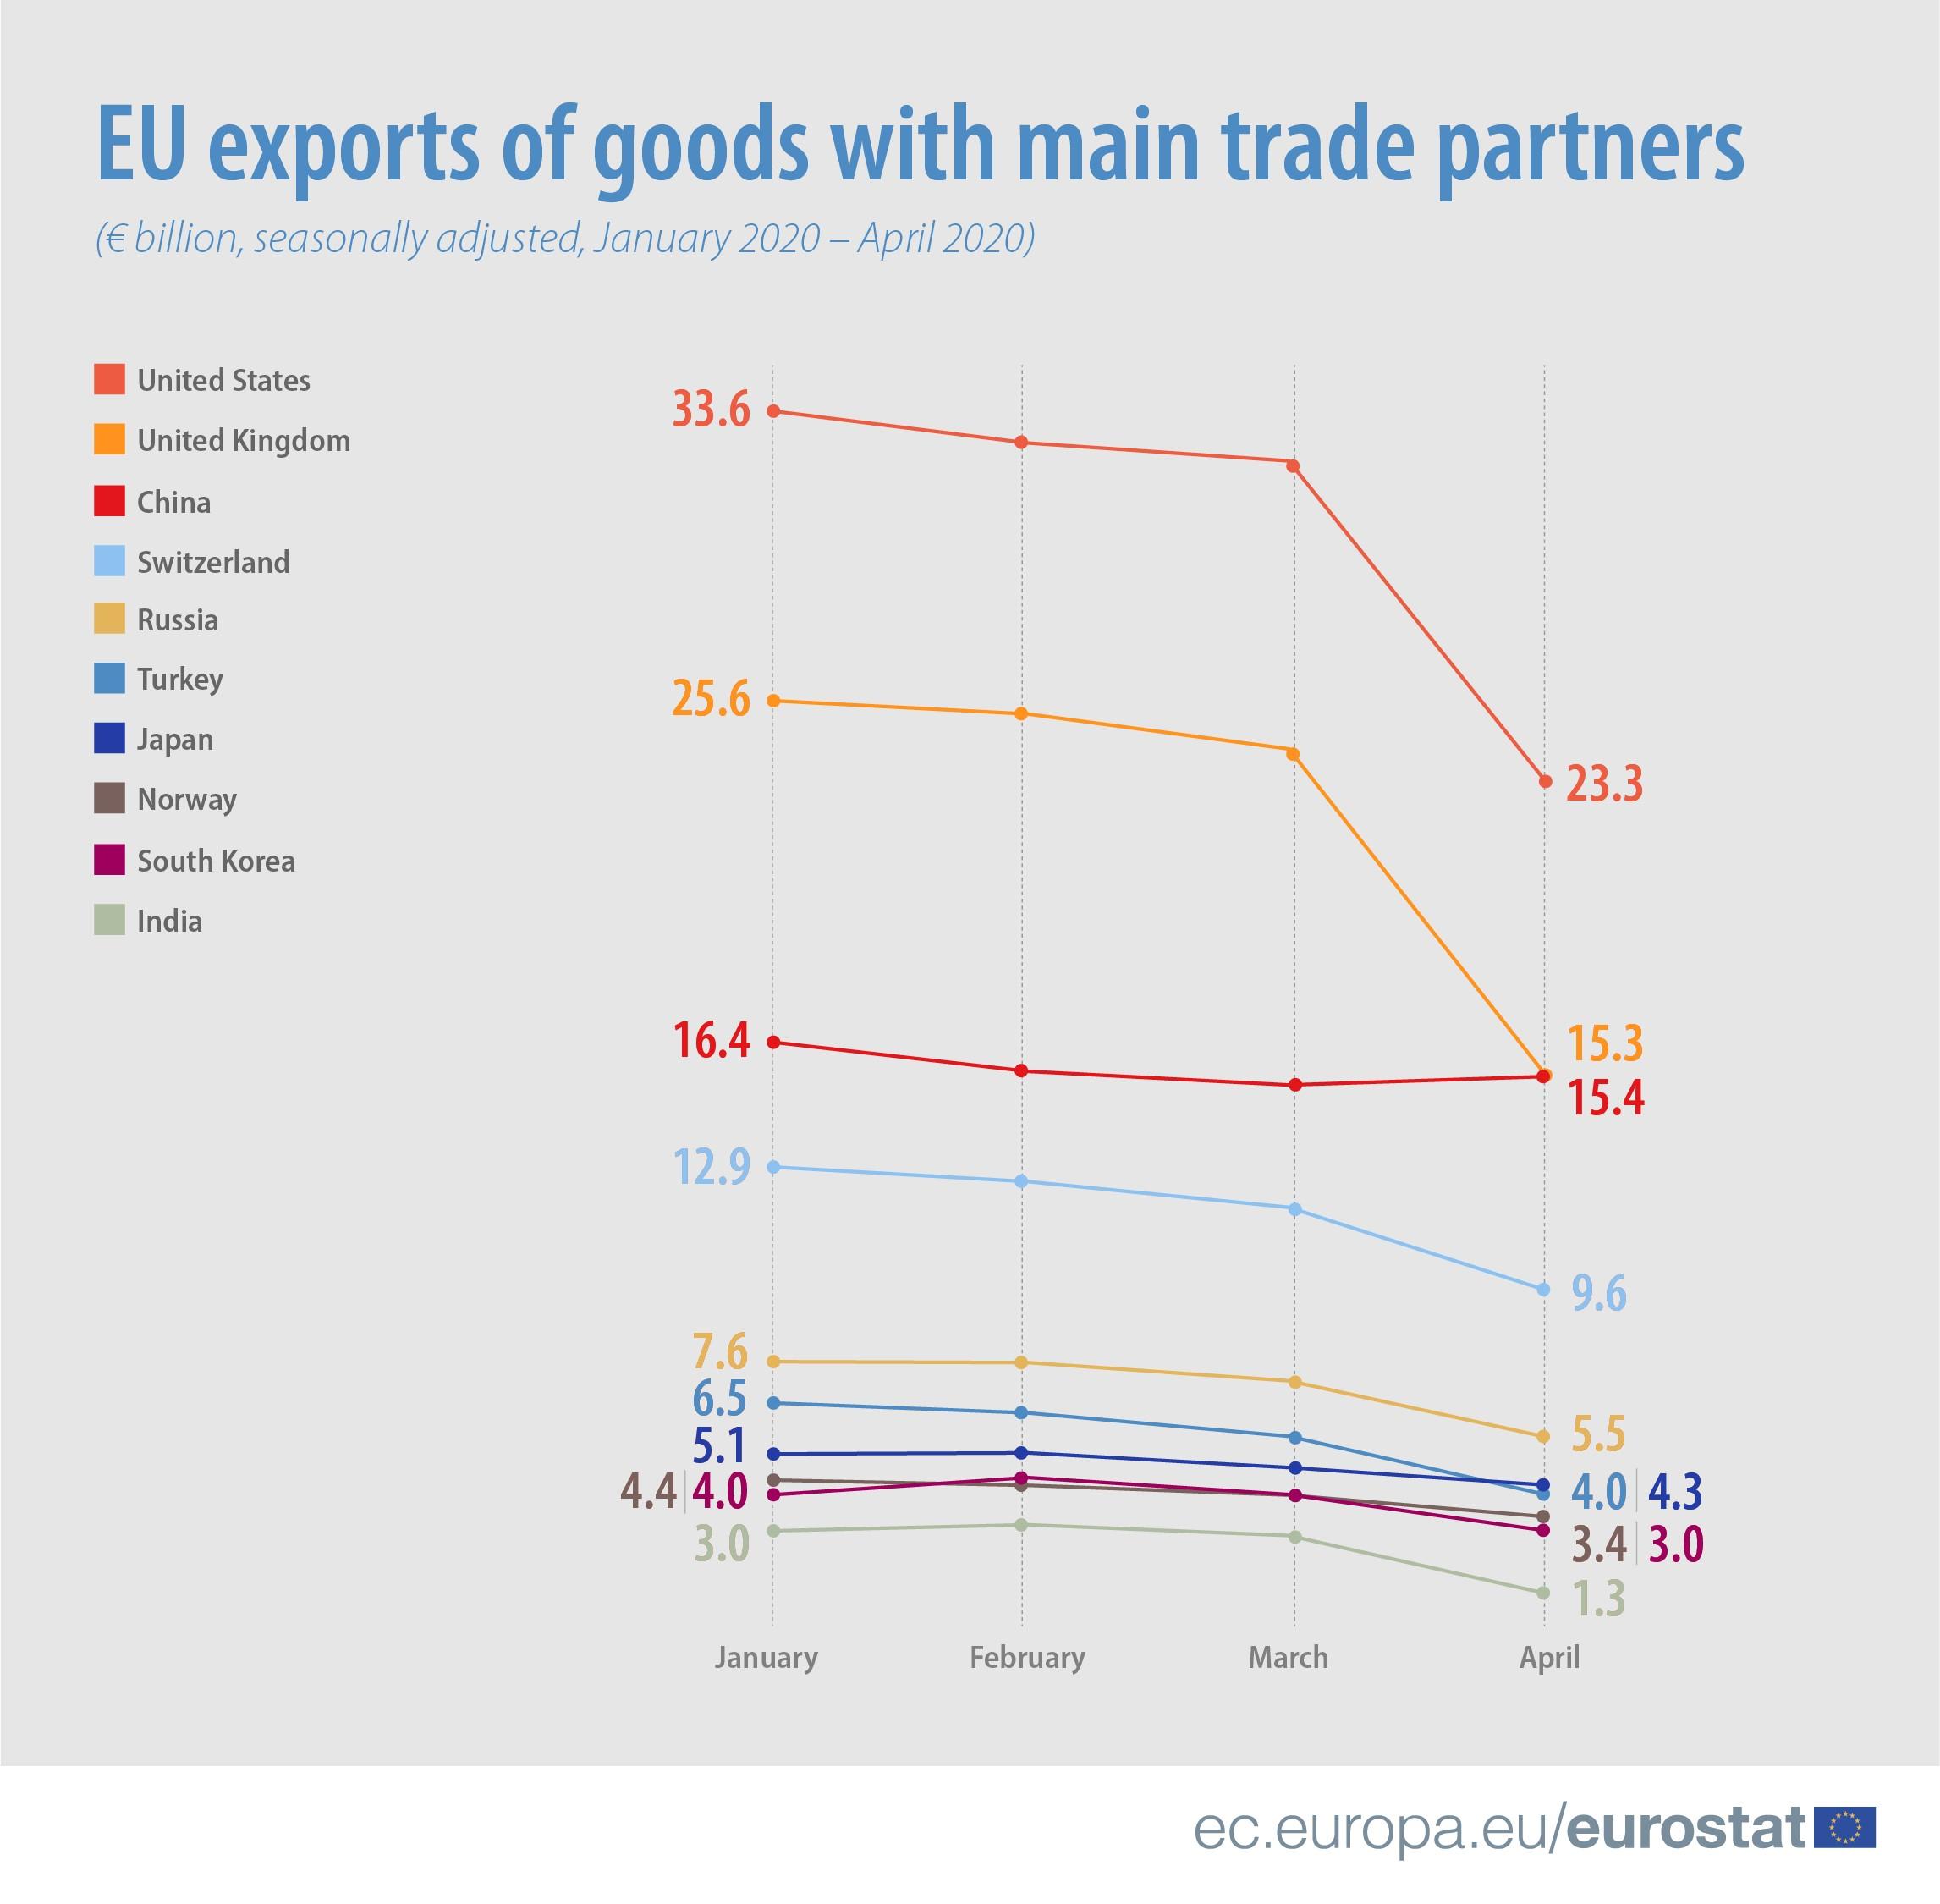 EU exports of goods with main trade partners, January - April 2020